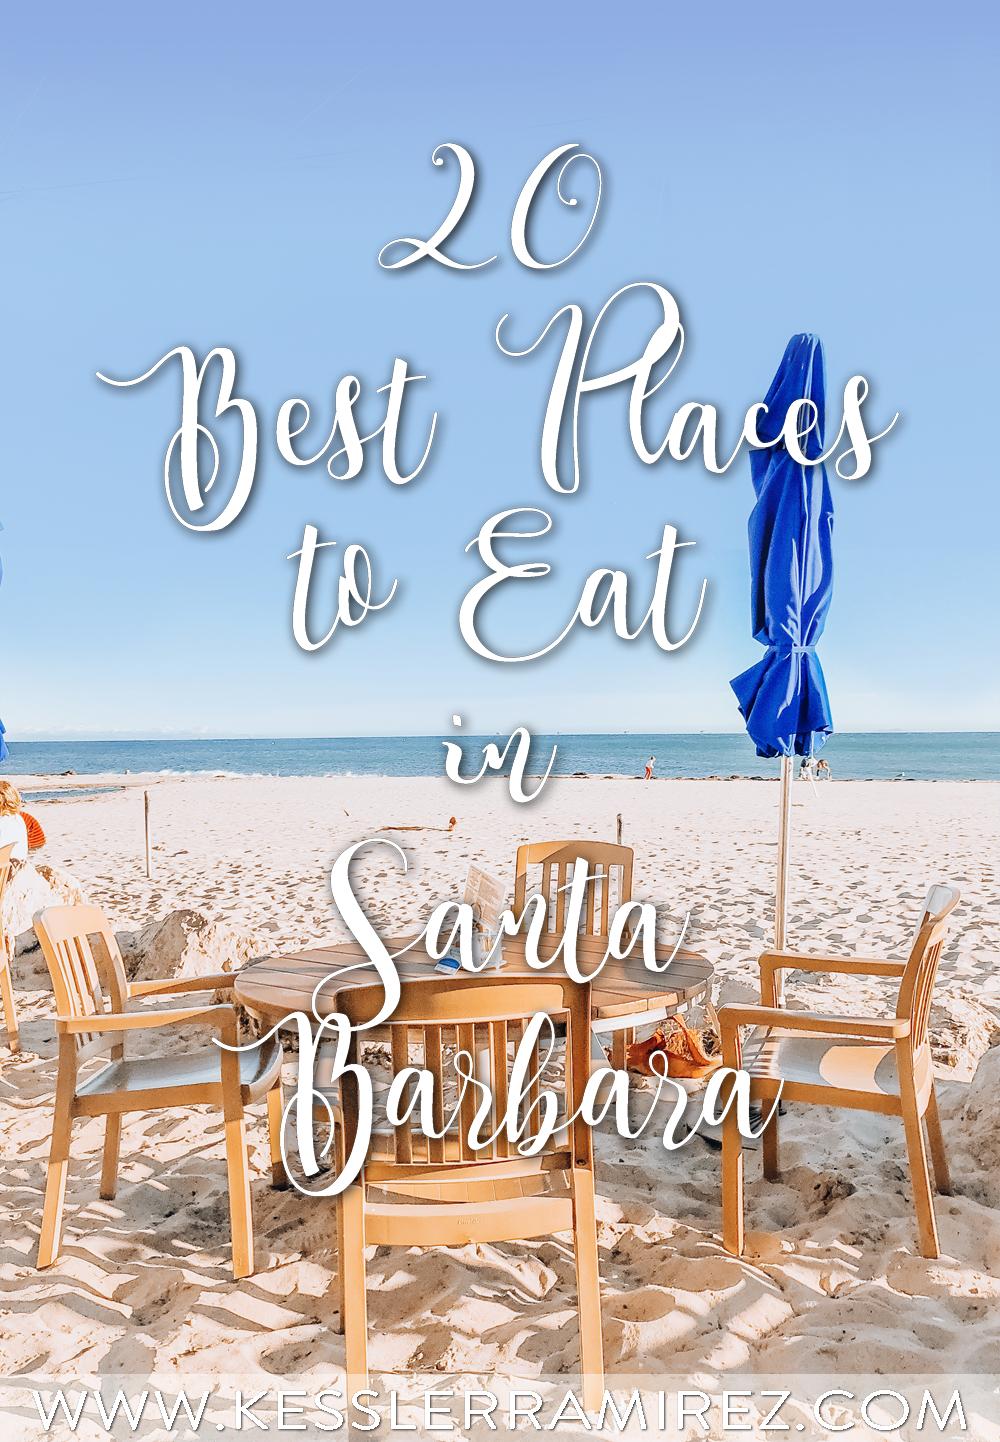 Places to Eat in Santa Barbara – Kessler Ramirez